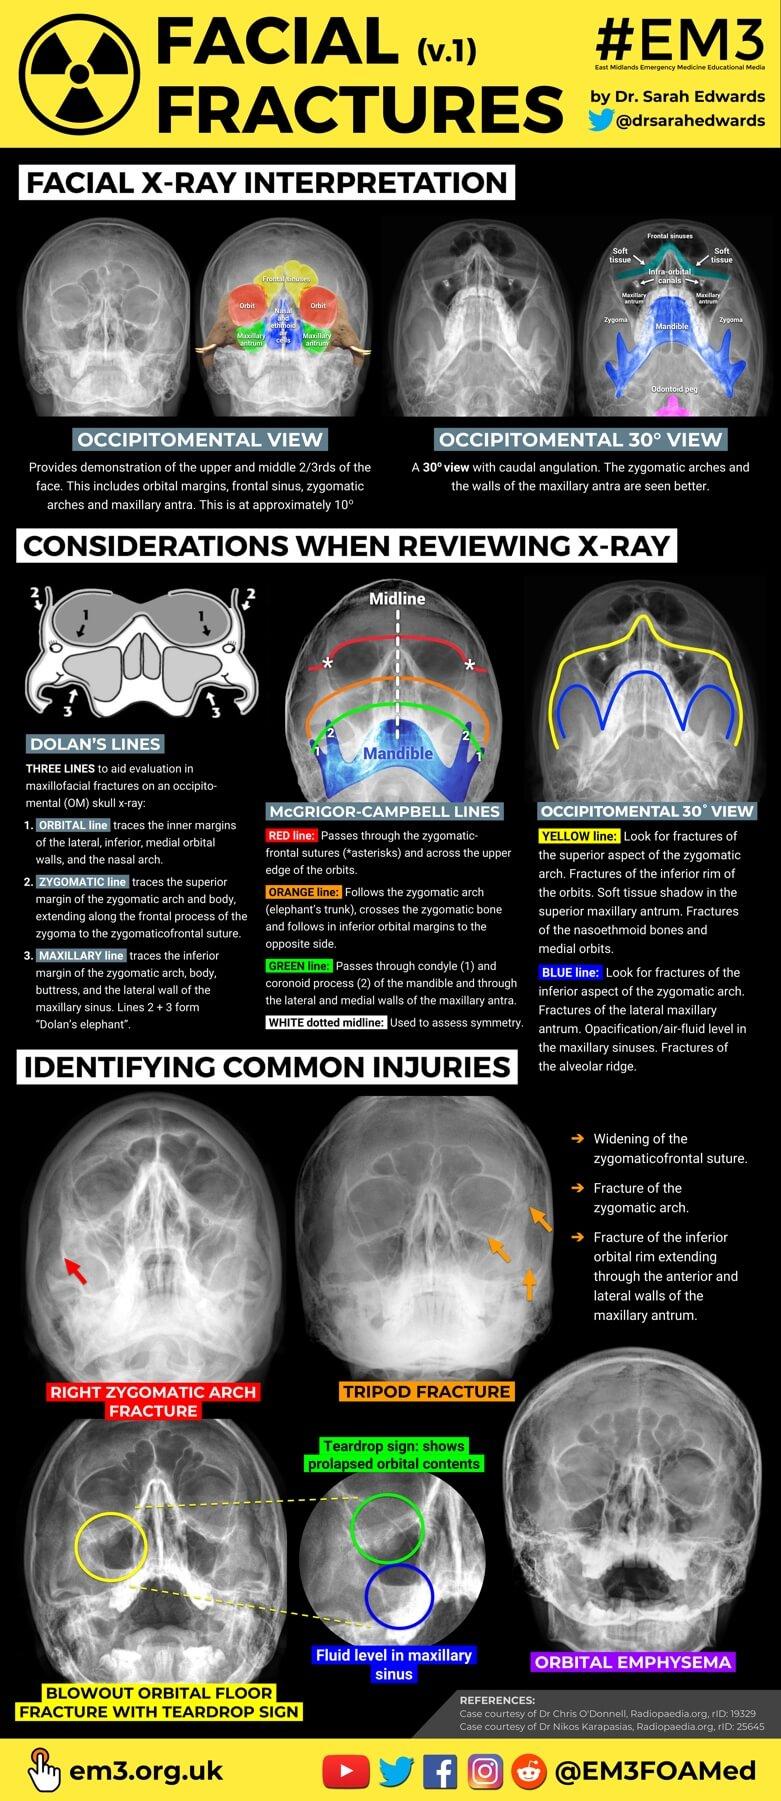 Facial Fractures poster - Dr Sarah Edwards (thumbnail).jpg